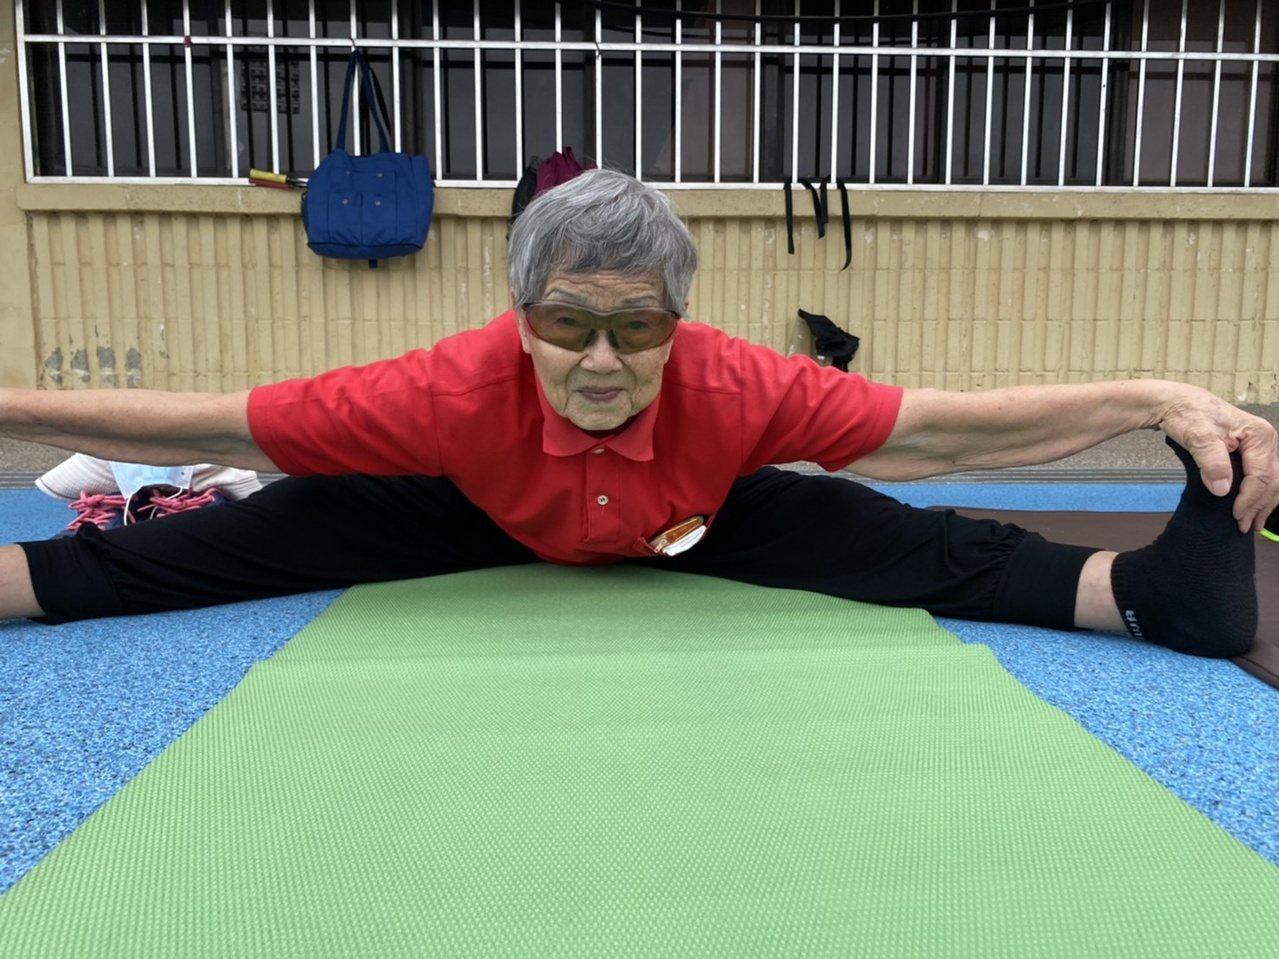 瑜珈老師邱聯榮說,謝滿阿嬤除坐姿前彎外,還能做分腿前彎、鴿式、盤腿等動作,可見她...